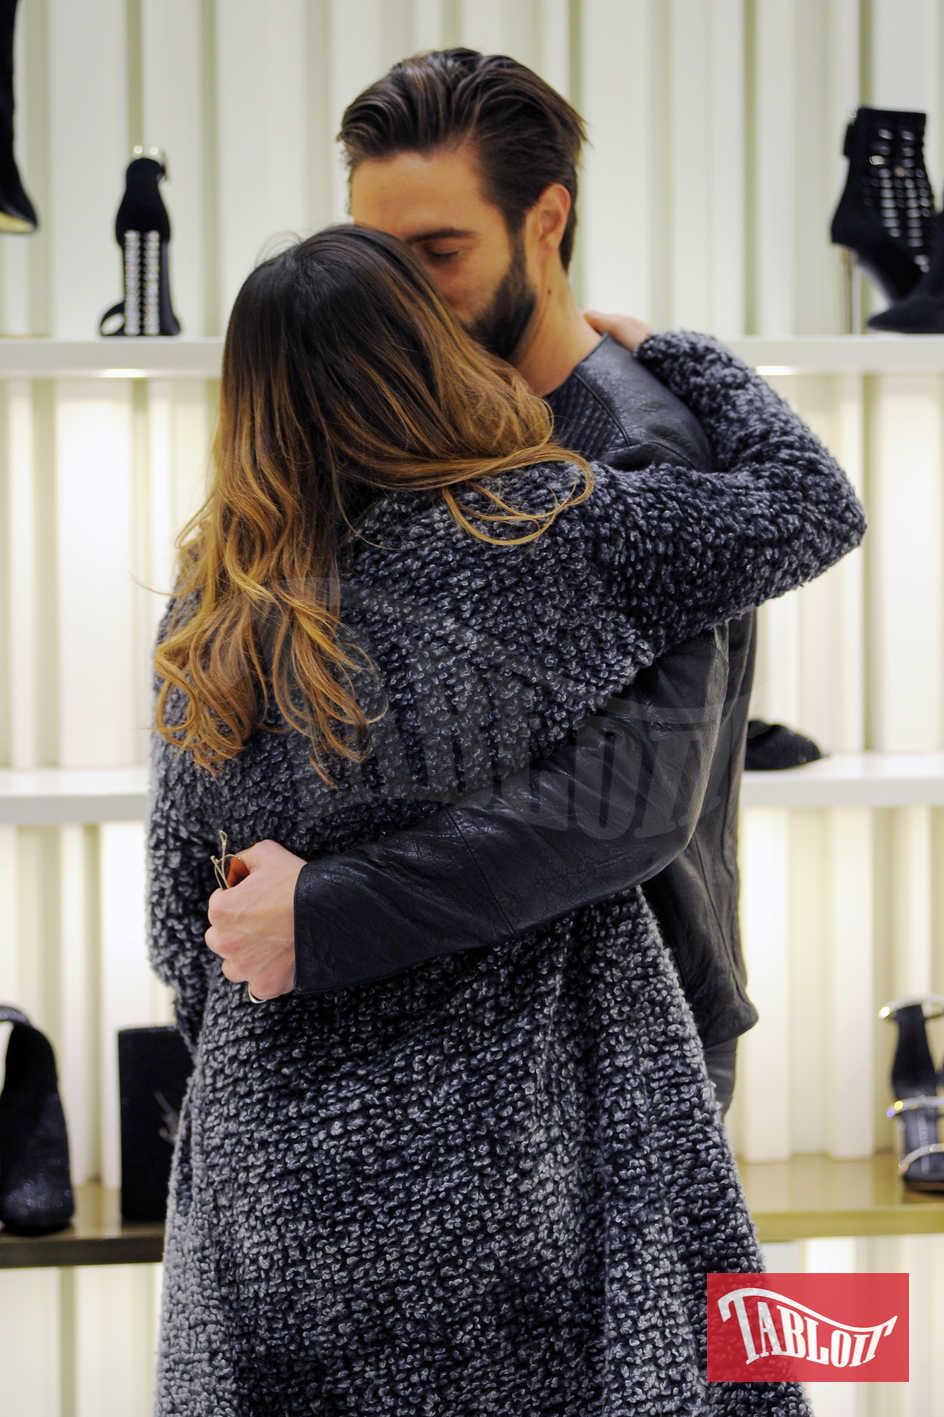 Alex e Mila non riescono proprio a stare lontani: si sono conosciuti pochi mesi fa ma sembra proprio che abbiano intenzione di fare sul serio